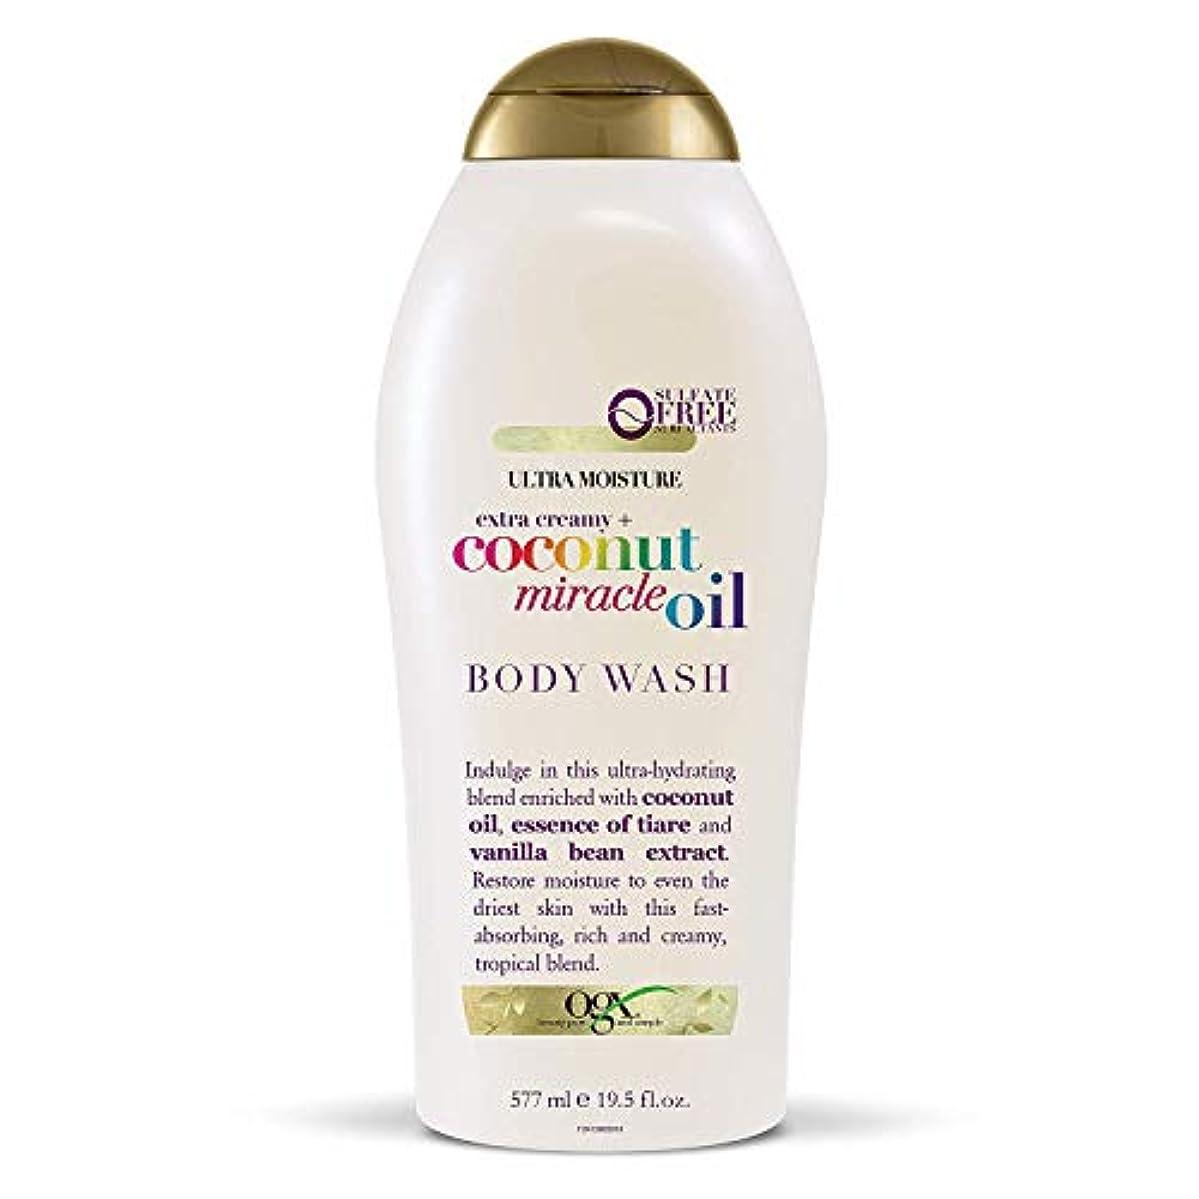 理容師困惑スポンジOgx Body Wash Coconut Miracle Oil Extra Strength 19.5oz OGX ココナッツミラクルオイル エクストラストレングス ボディウォッシュ 577ml [並行輸入品]